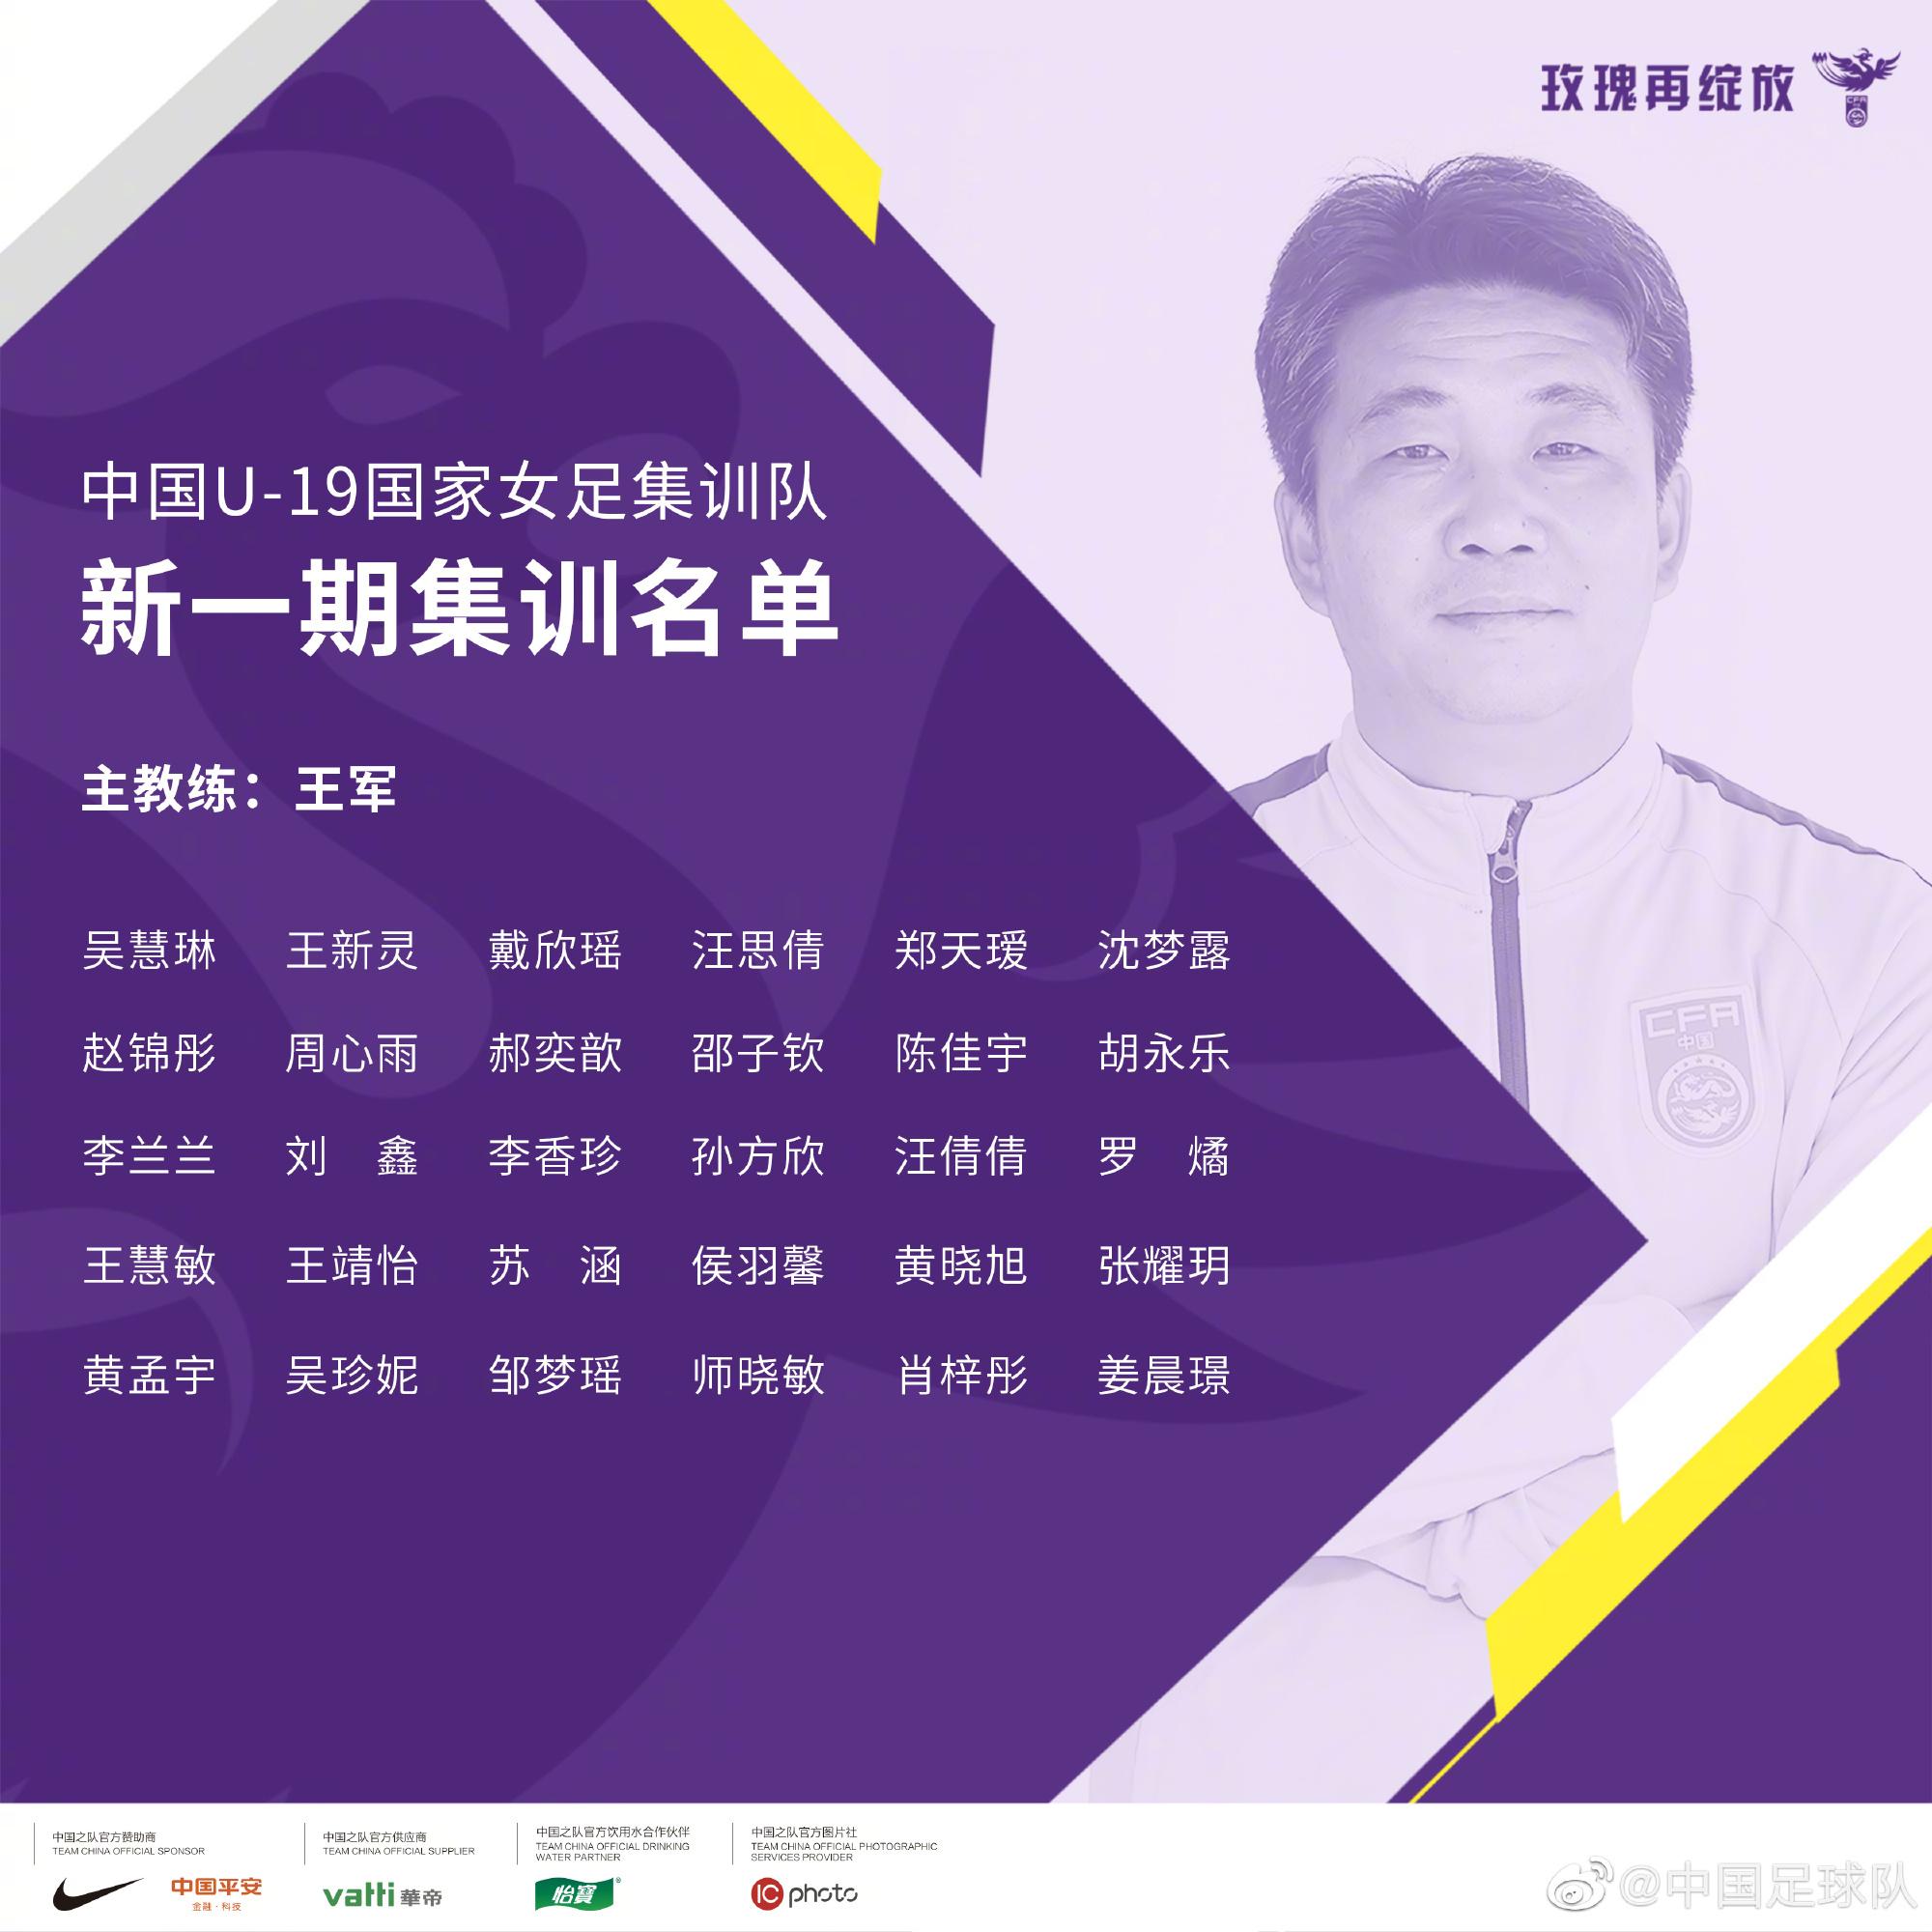 琼中女足王靖怡、王慧敏第三次入选U19国家女足集训队